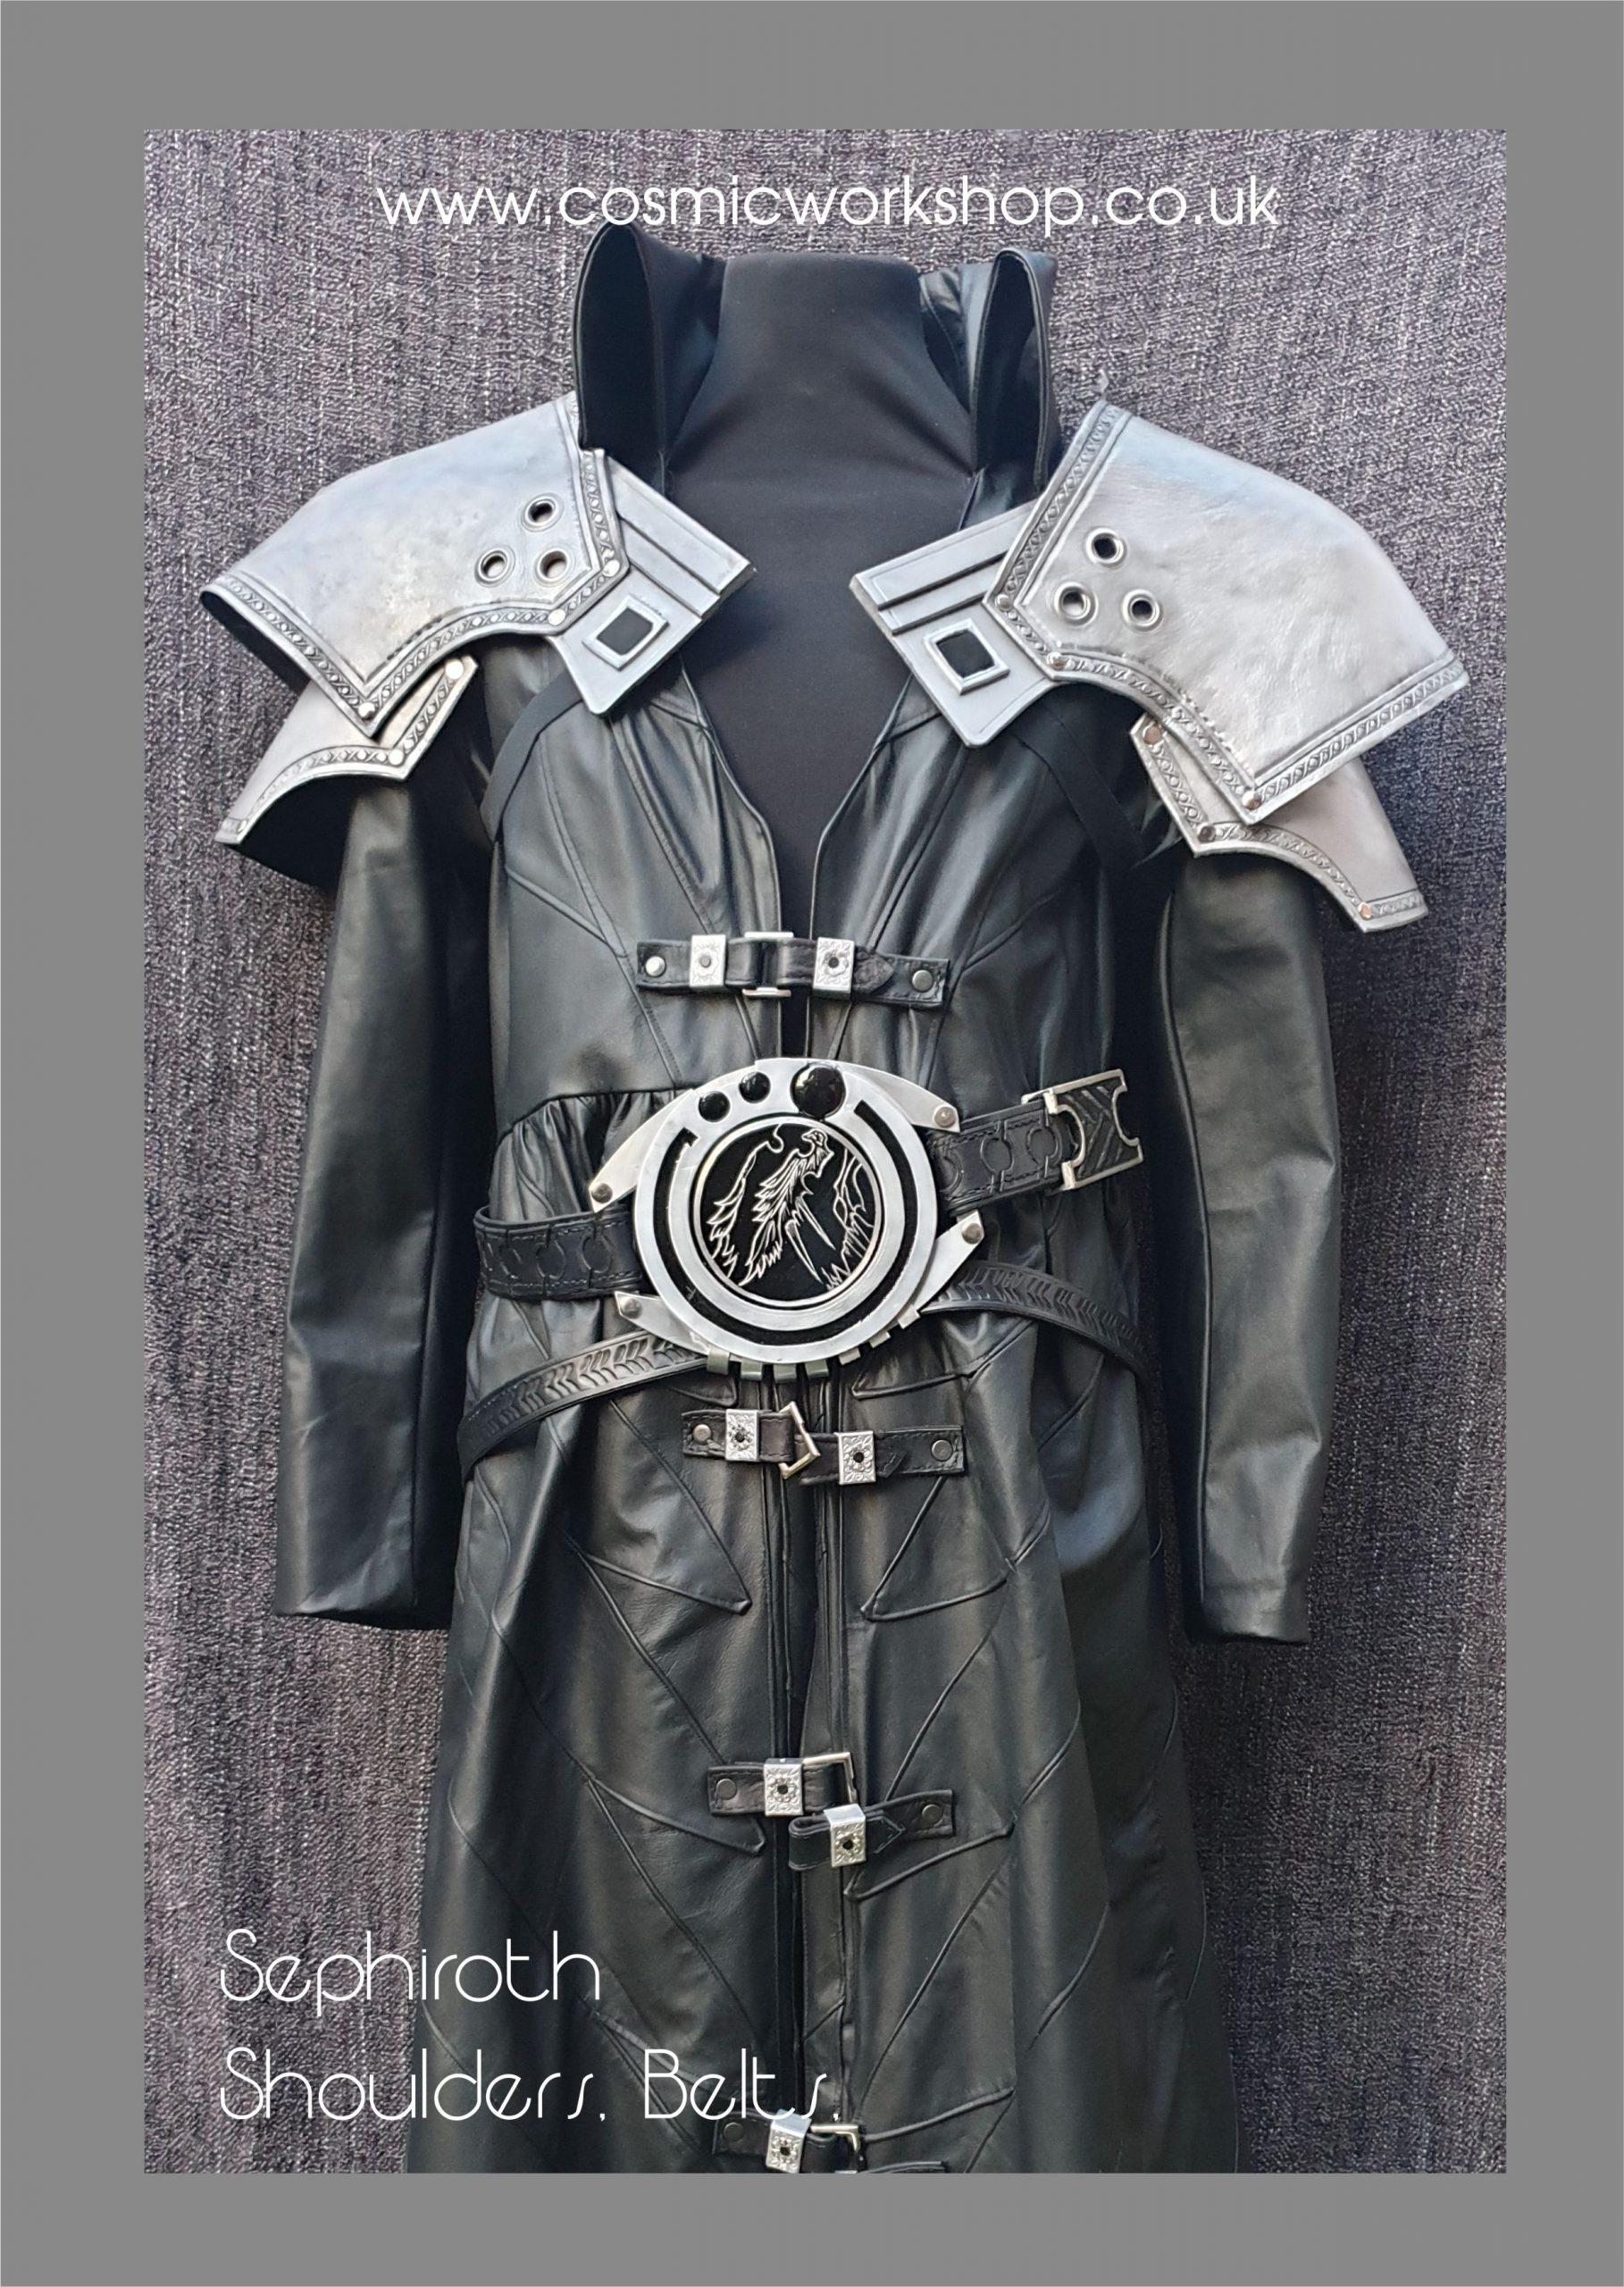 sephiroth armour final fantasy 7 remake